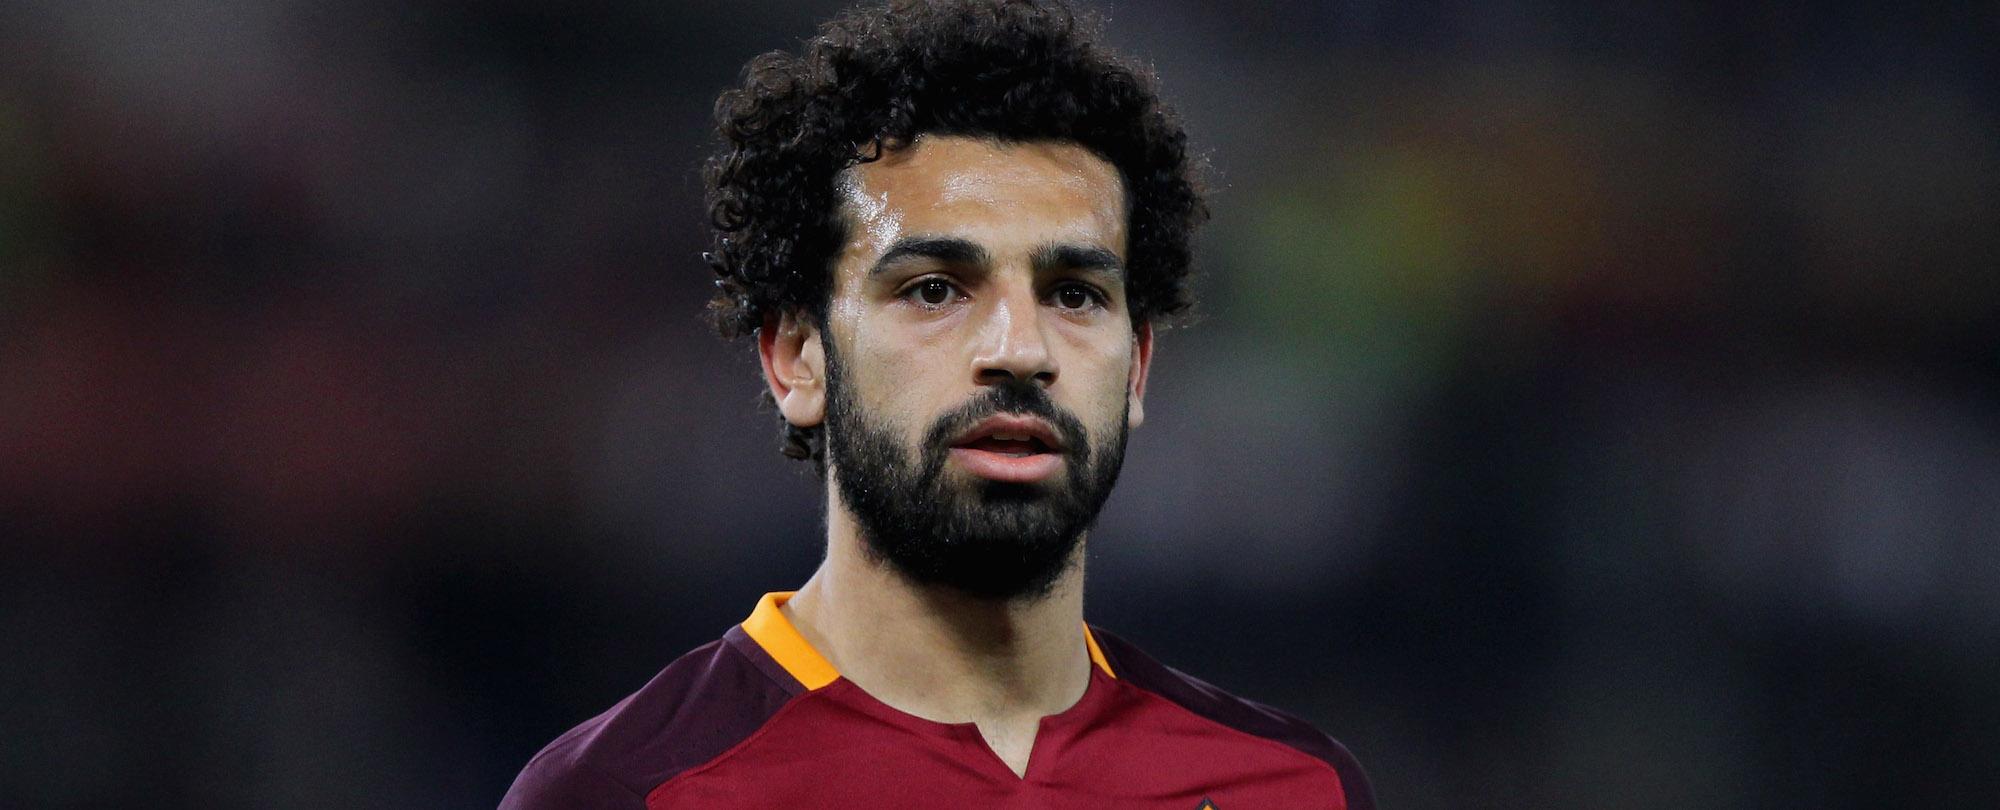 Mohamed Salah lands a permanent deal